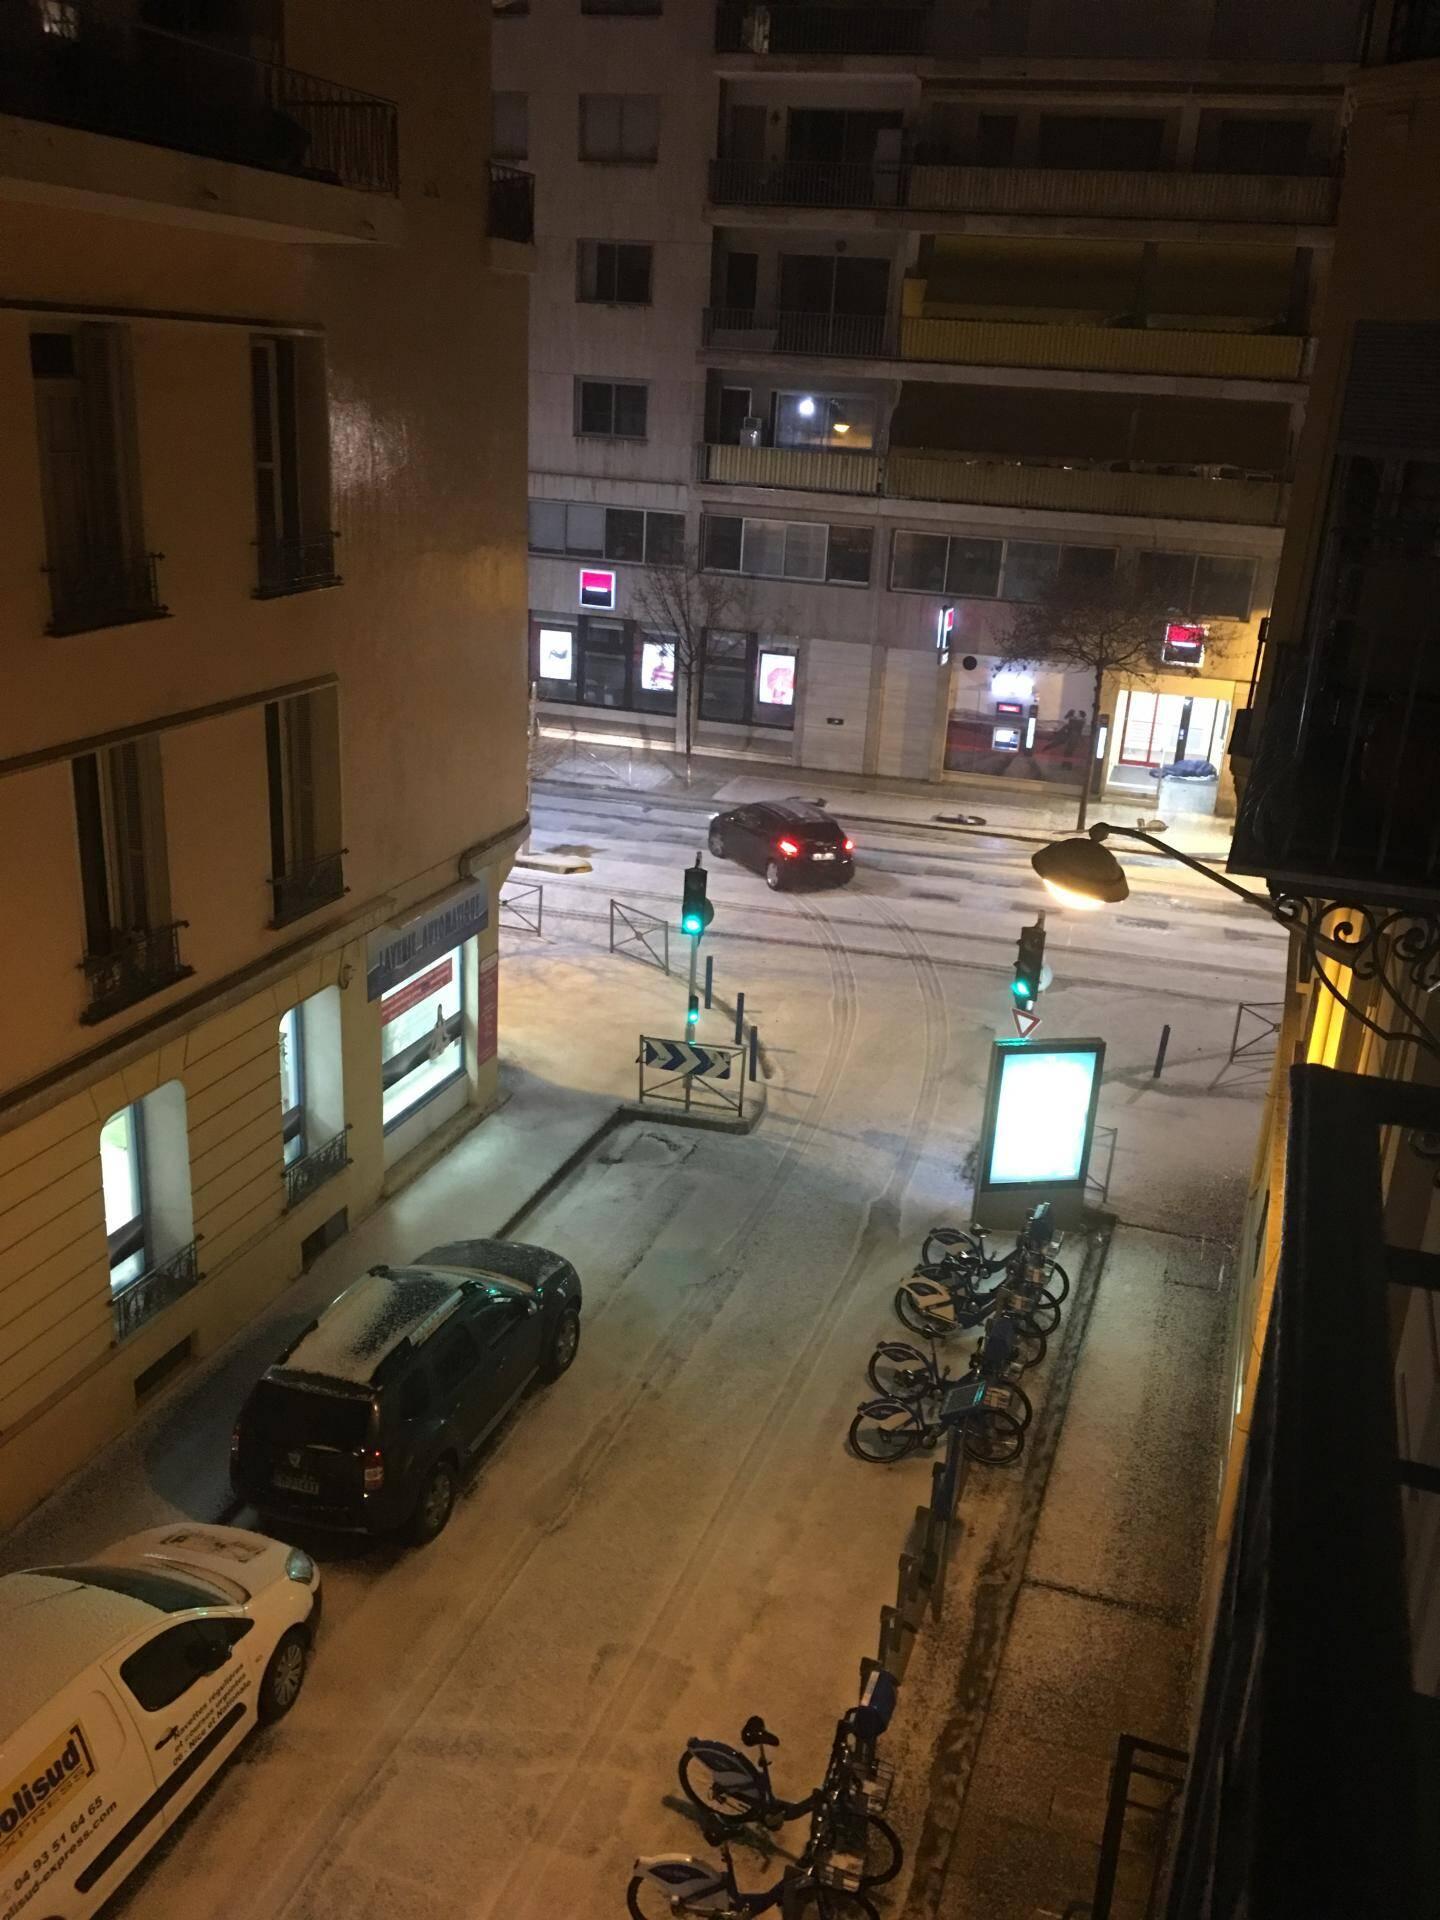 Le croisement entre le boulevard François Grosso et la rue Alexis Mossa à Nice ce samedi soir.